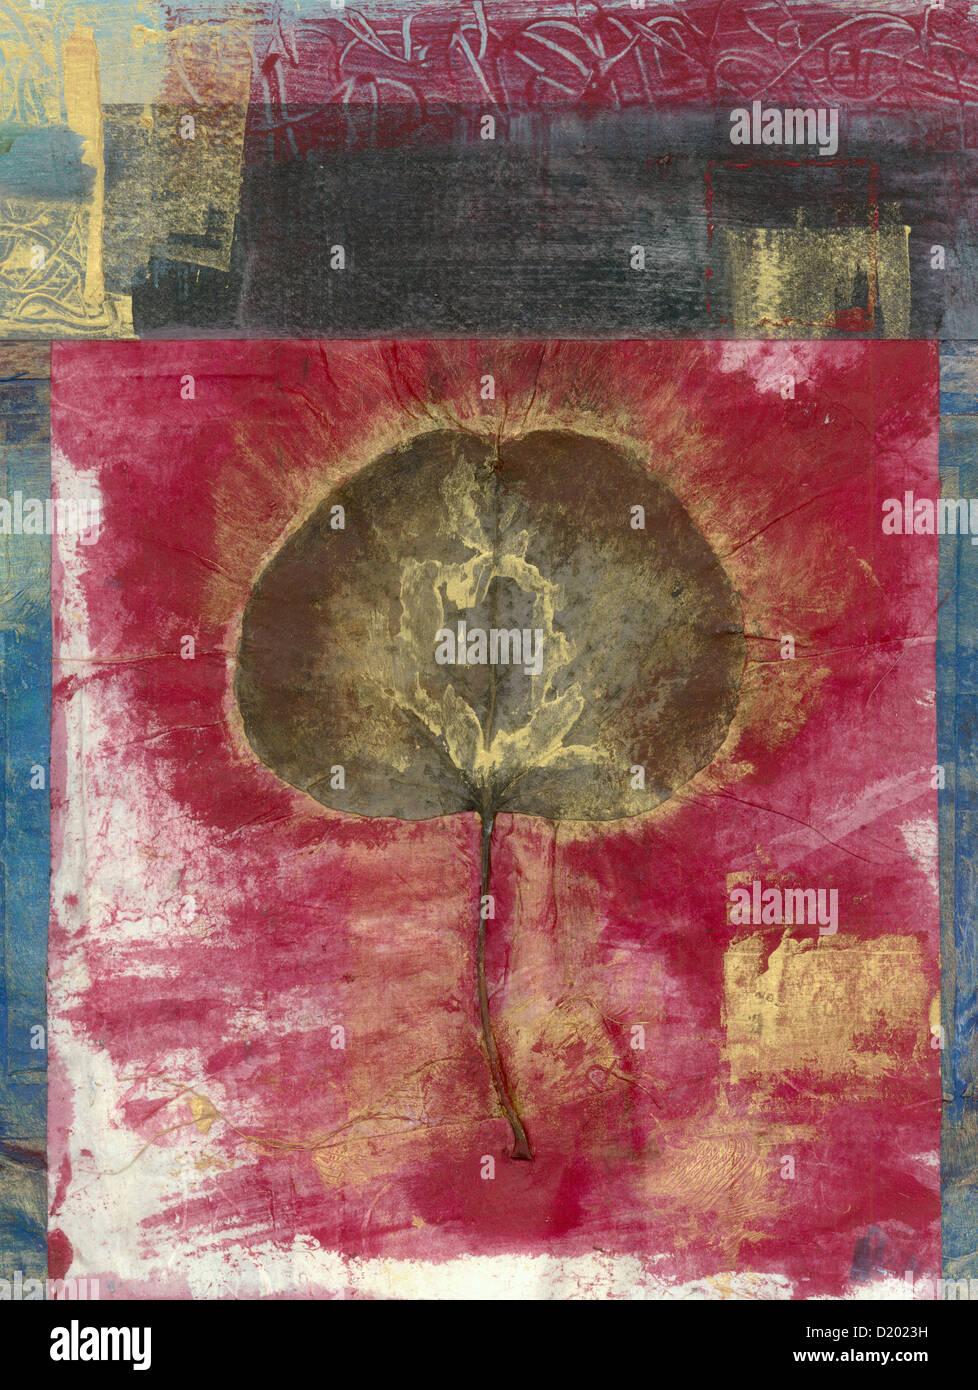 Blatt, collagiert auf ein abstraktes Gemälde. Blätter sind die Lungen der Bäume. Stockbild